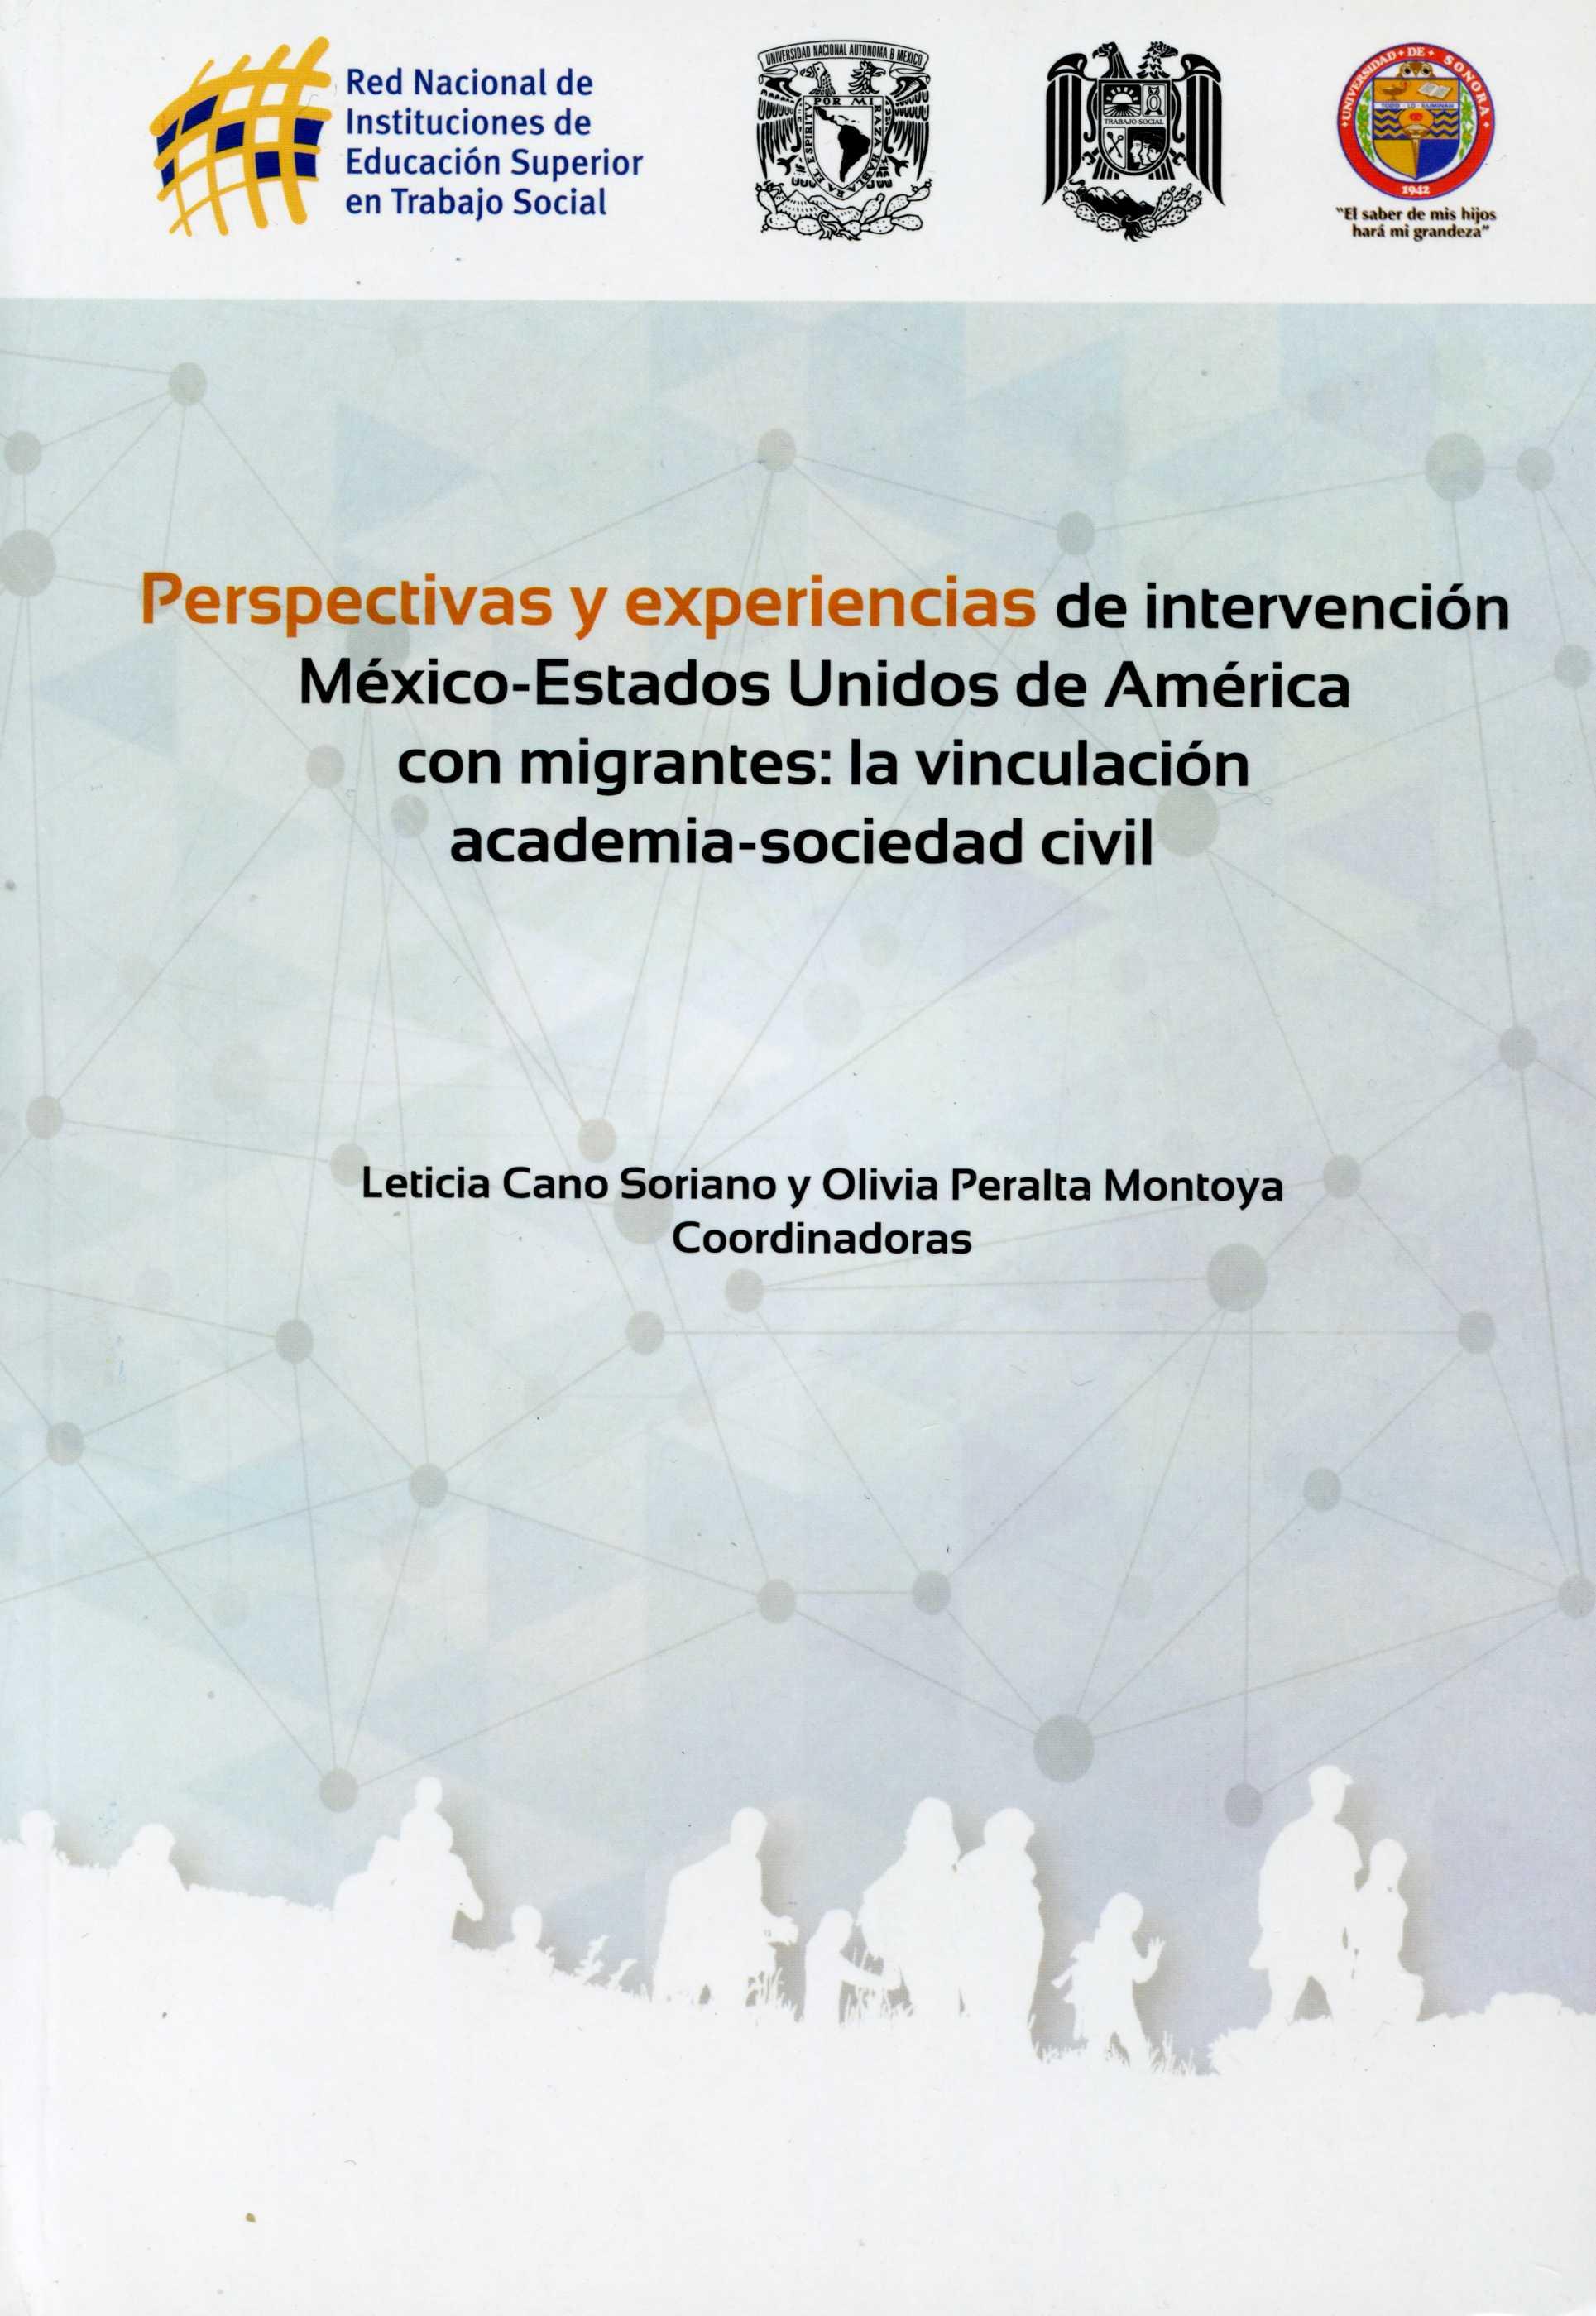 Perspectivas y experiencias de intervención México-Estados Unidos de América con migrantes: la vinculación academia-sociedad civil